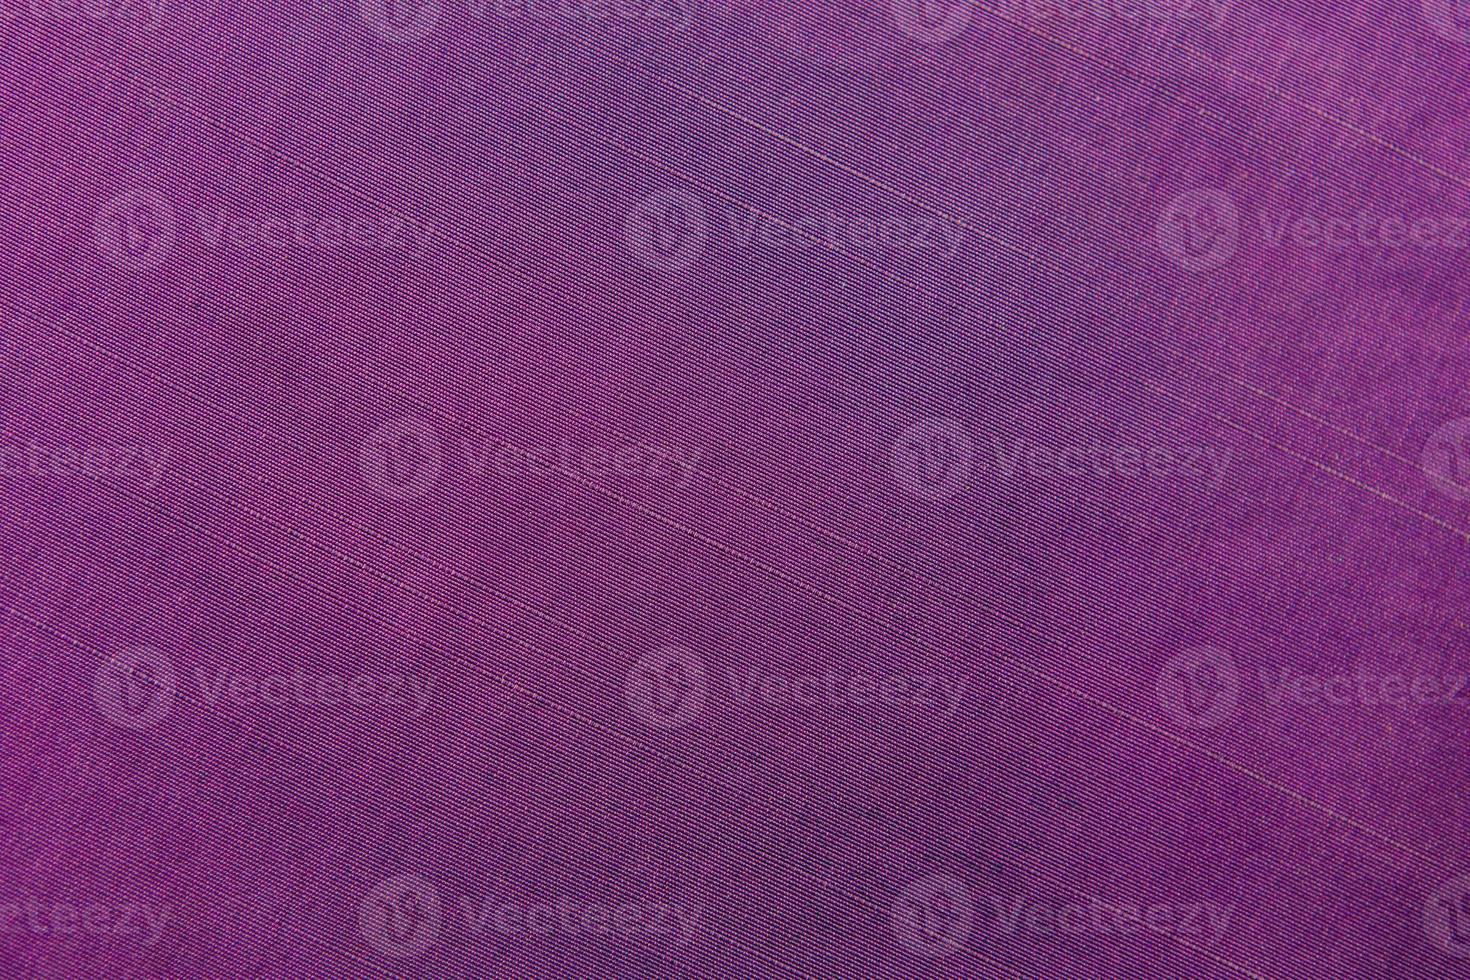 trama di cotone viola foto